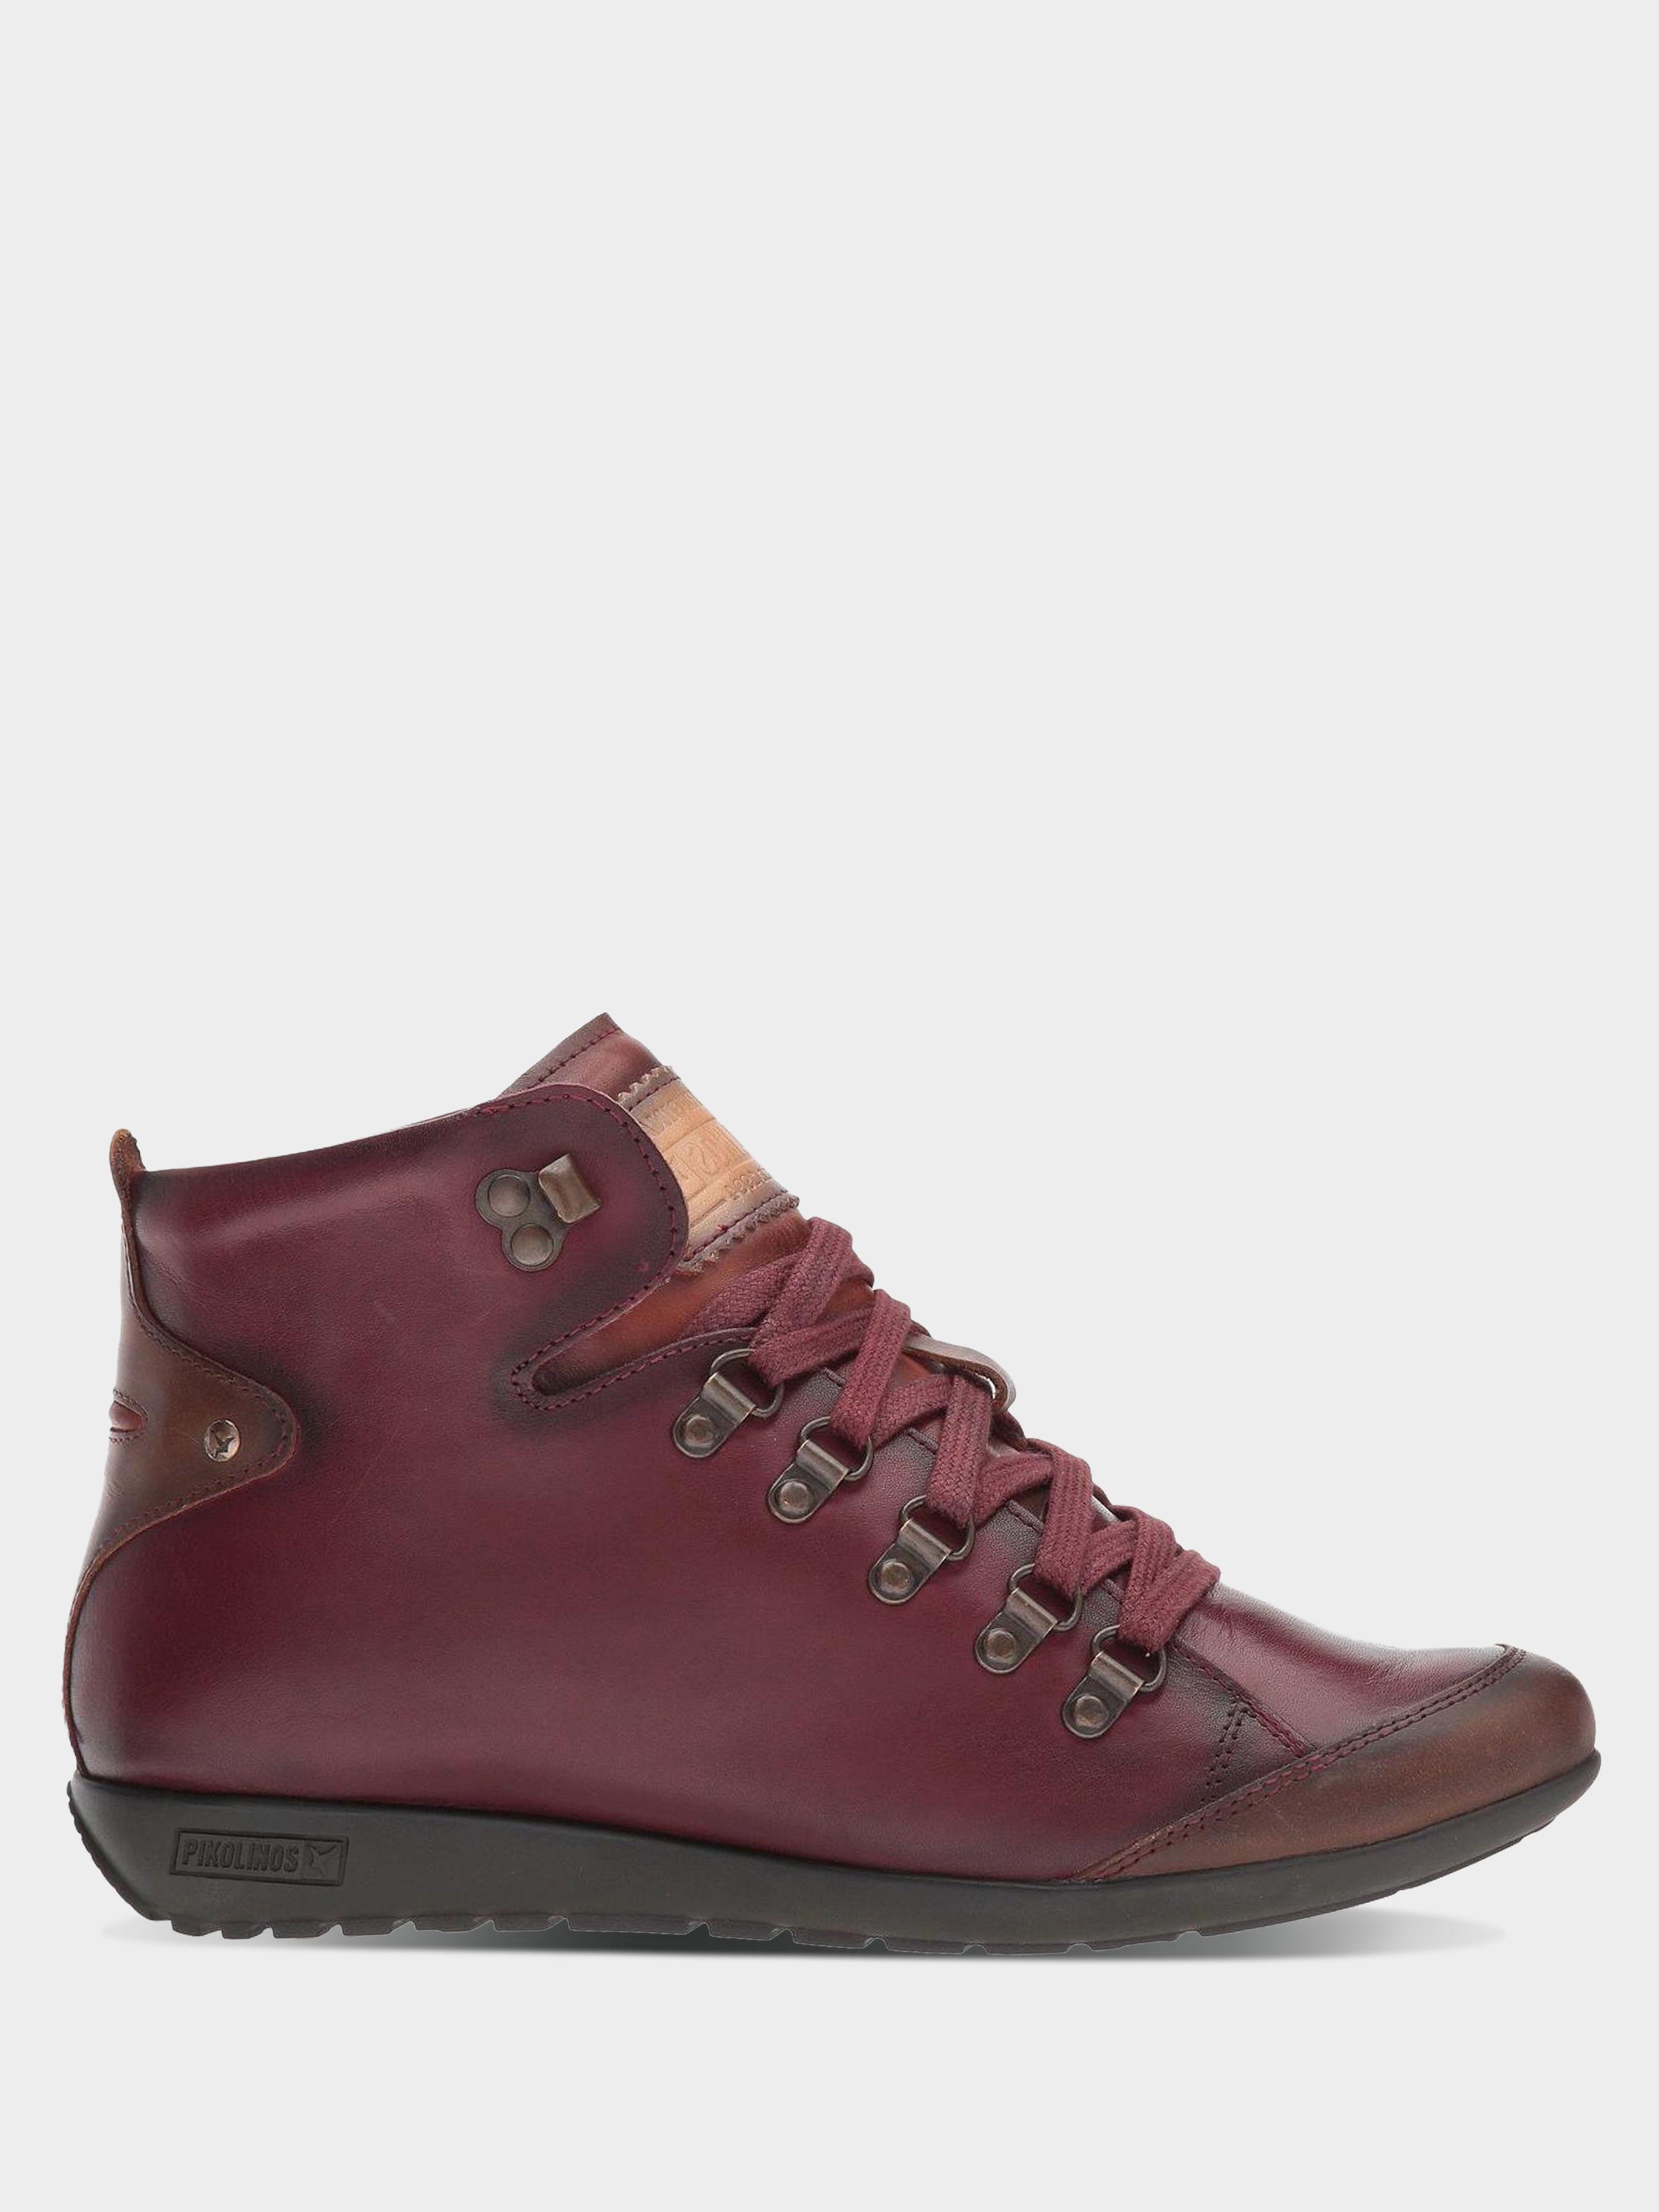 Купить Ботинки женские PIKOLINOS LISBOA SD295, Красный